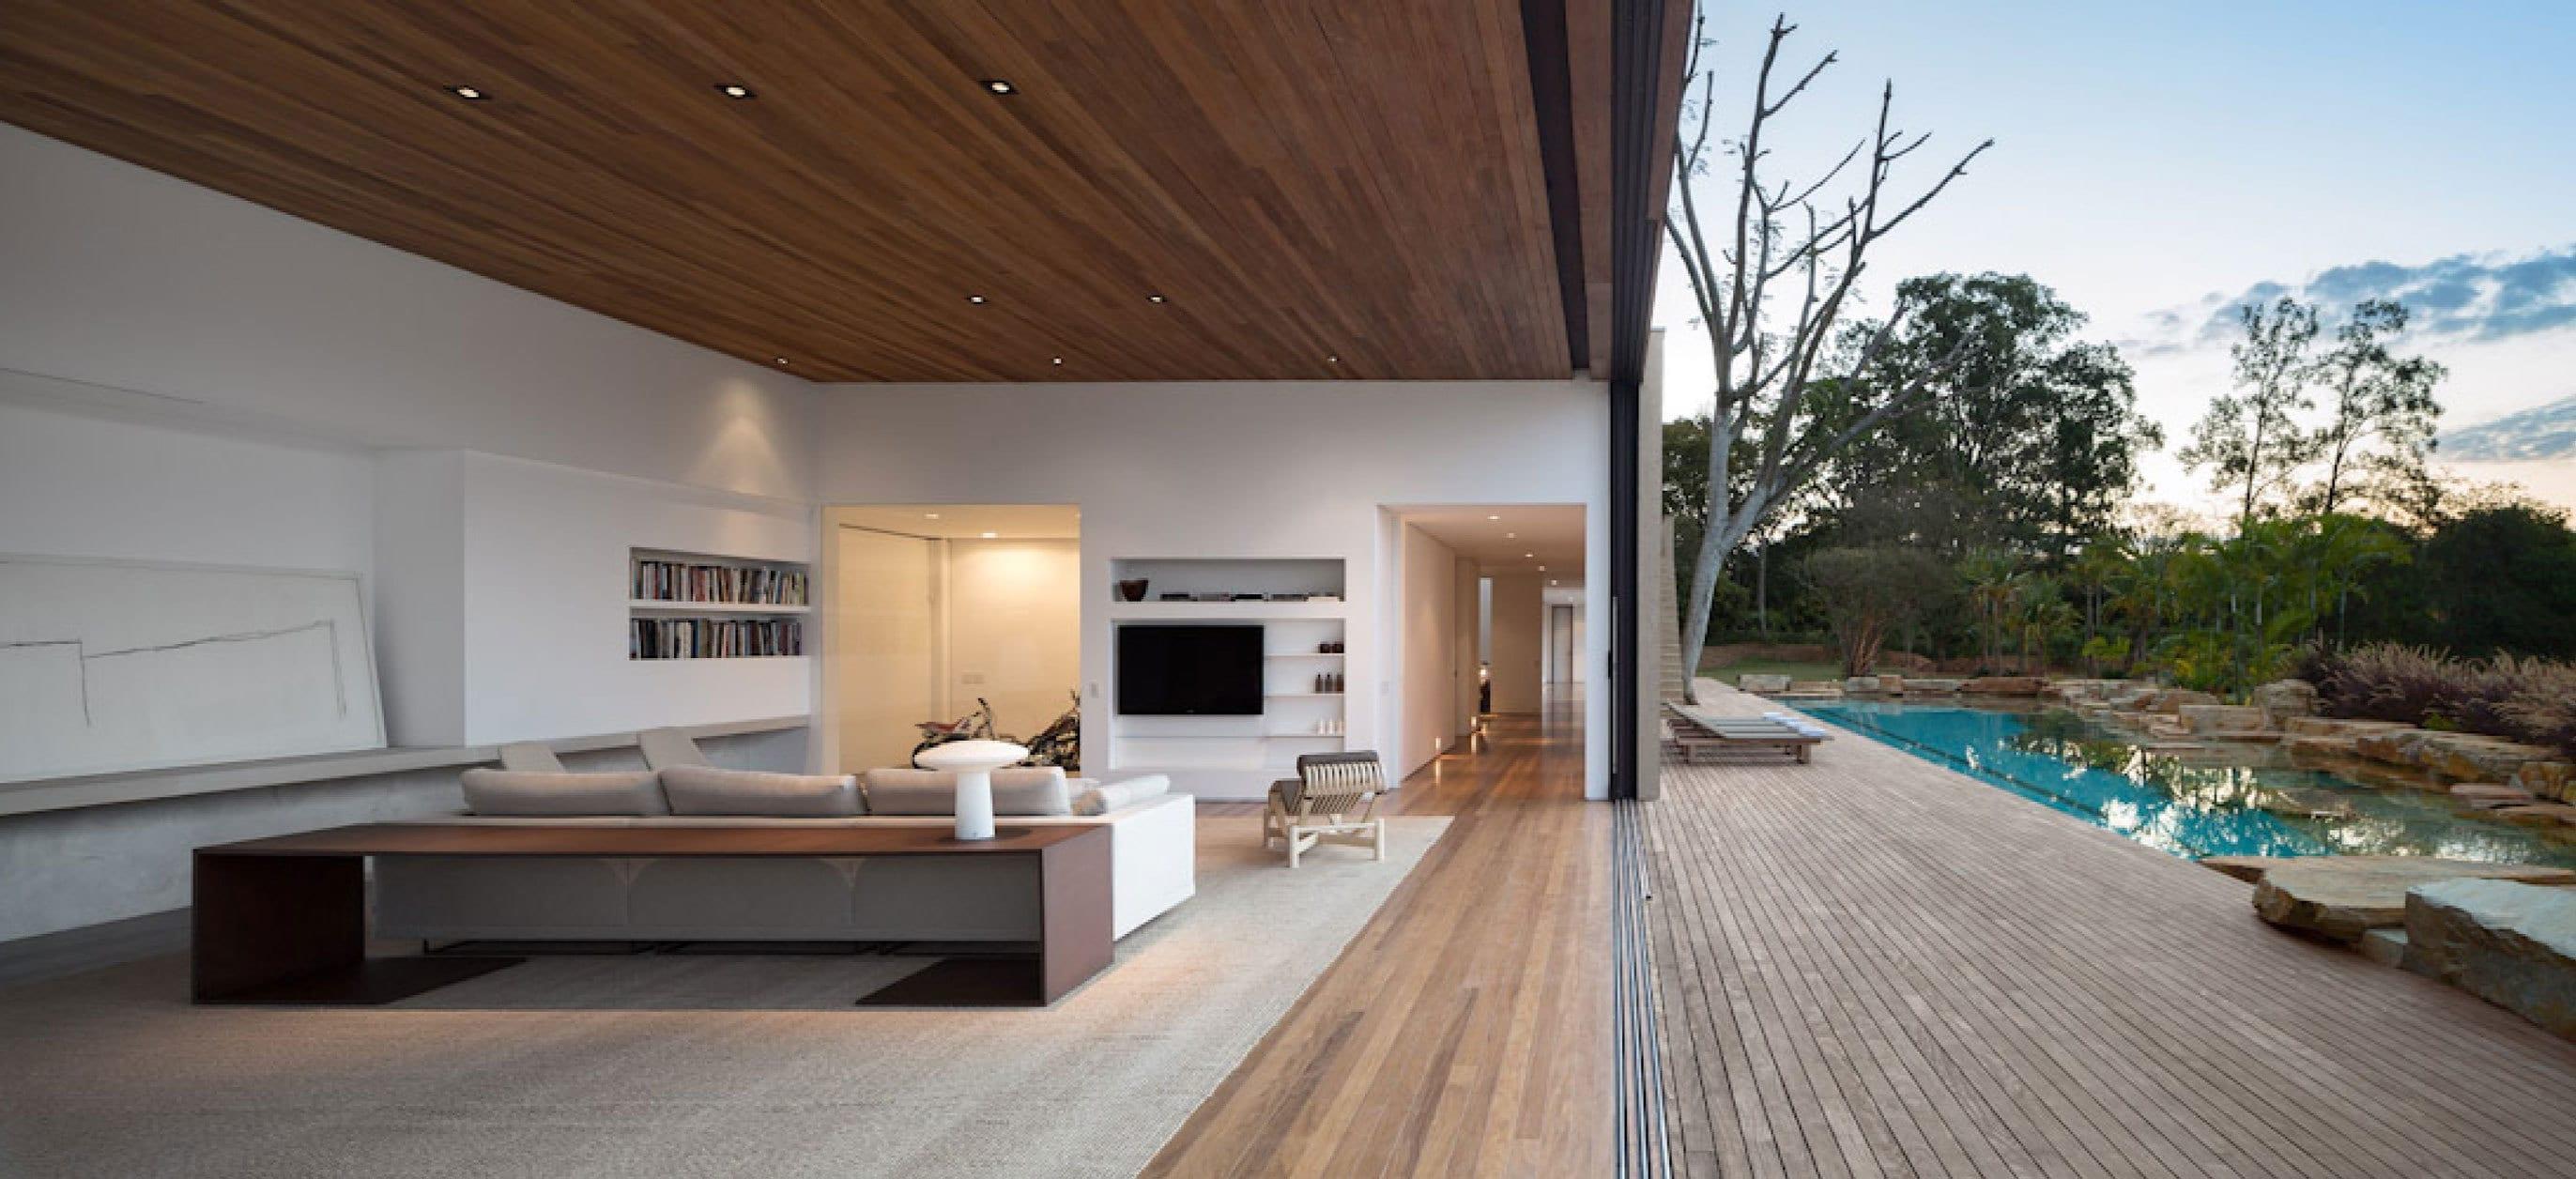 open space wohnraum minimalistische gestaltungsidee freshouse. Black Bedroom Furniture Sets. Home Design Ideas